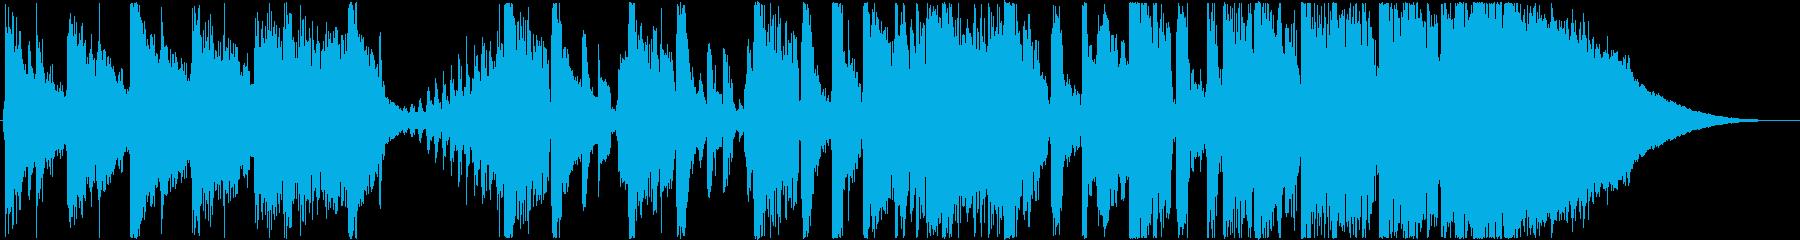 ピアノとストリングスによる都会的サウンドの再生済みの波形